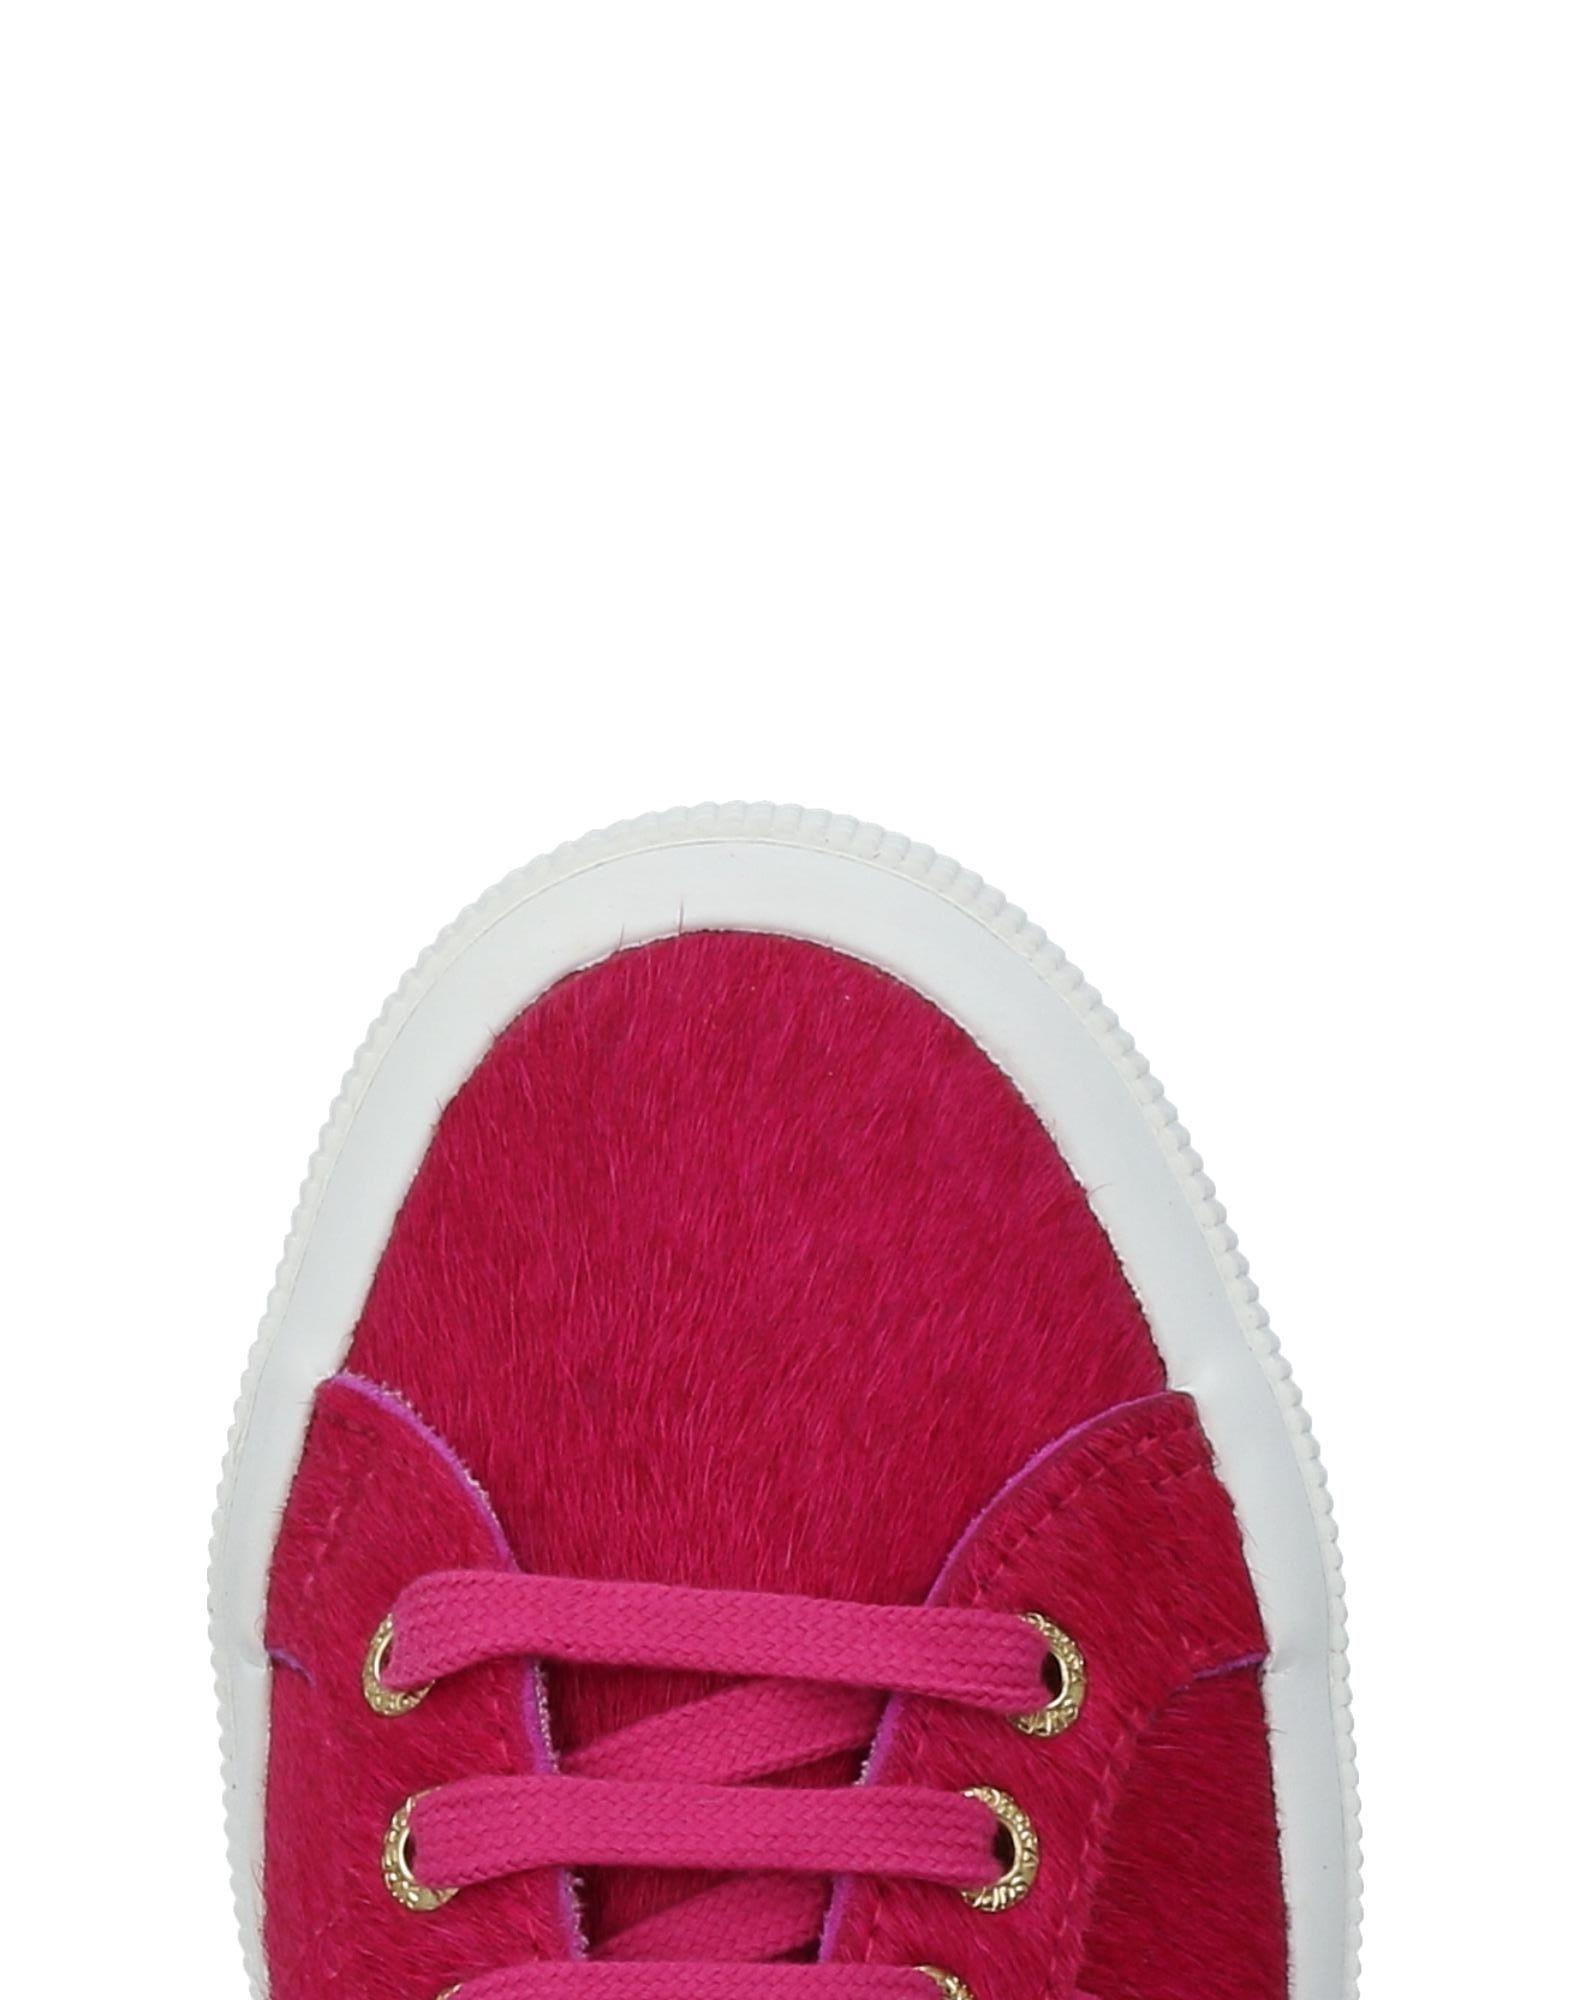 Superga® Sneakers Damen  beliebte 11483960IS Gute Qualität beliebte  Schuhe 0e7a66